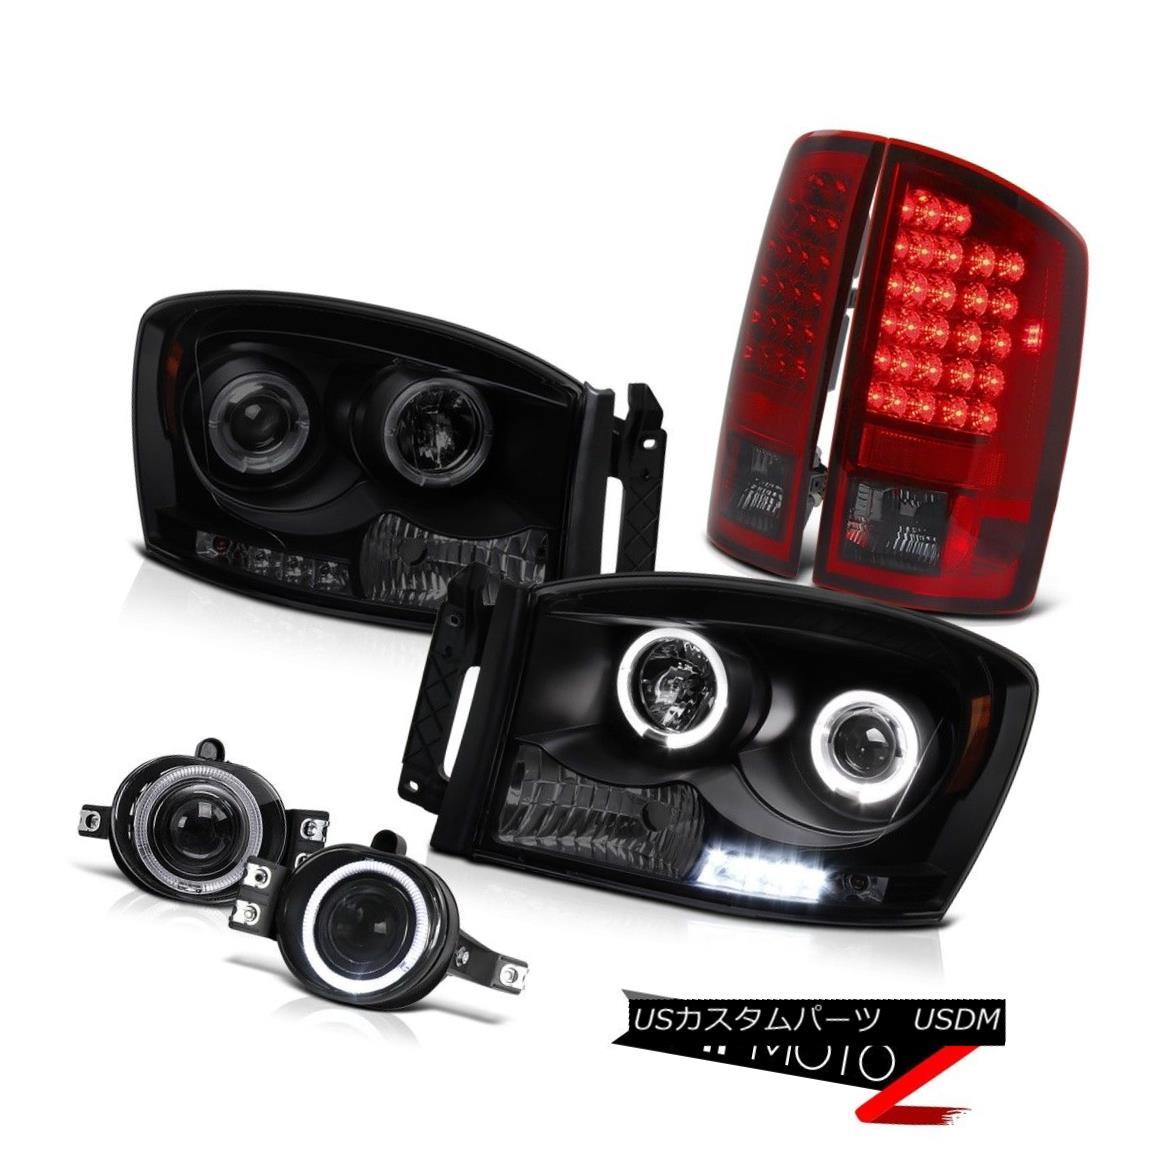 テールライト Dual Angel Eye Headlight Burgundy LED Taillight DRL foglights Ram Quad Cab 07 08 デュアルエンジェルアイヘッドライトブルゴーニュLEDテールライトDRL foglightsラムクアドキャブ07 08